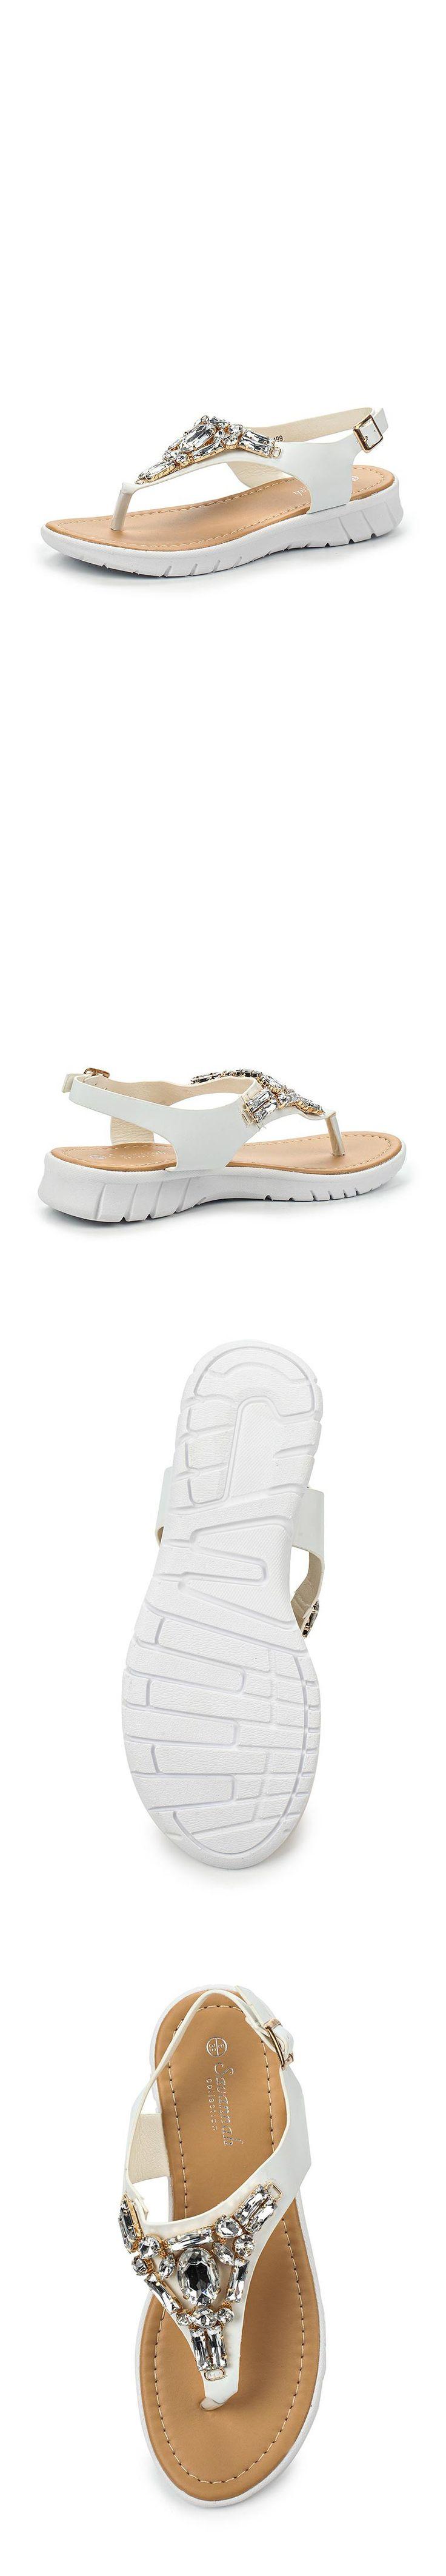 Женская обувь сандалии Savannah за 2330.00 руб.